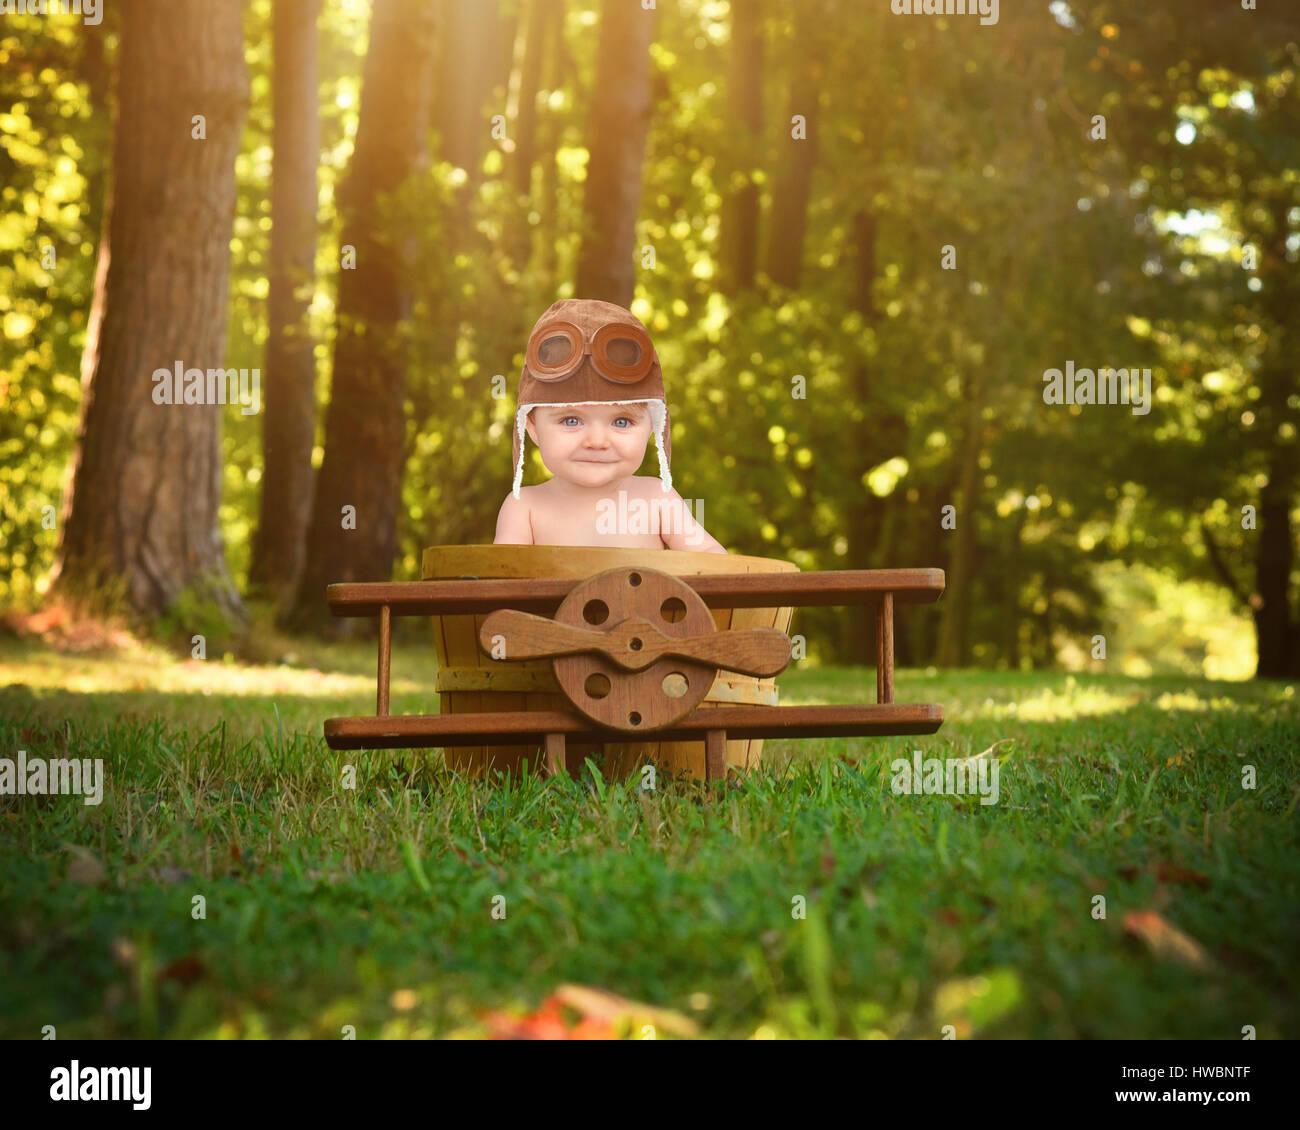 Un petit bébé est assis dans un avion en bois panier prop dans le parc faisant semblant de voyager et de prendre l'avion avec un pilote pour un chapeau sur la créativité ou d'imagination Banque D'Images